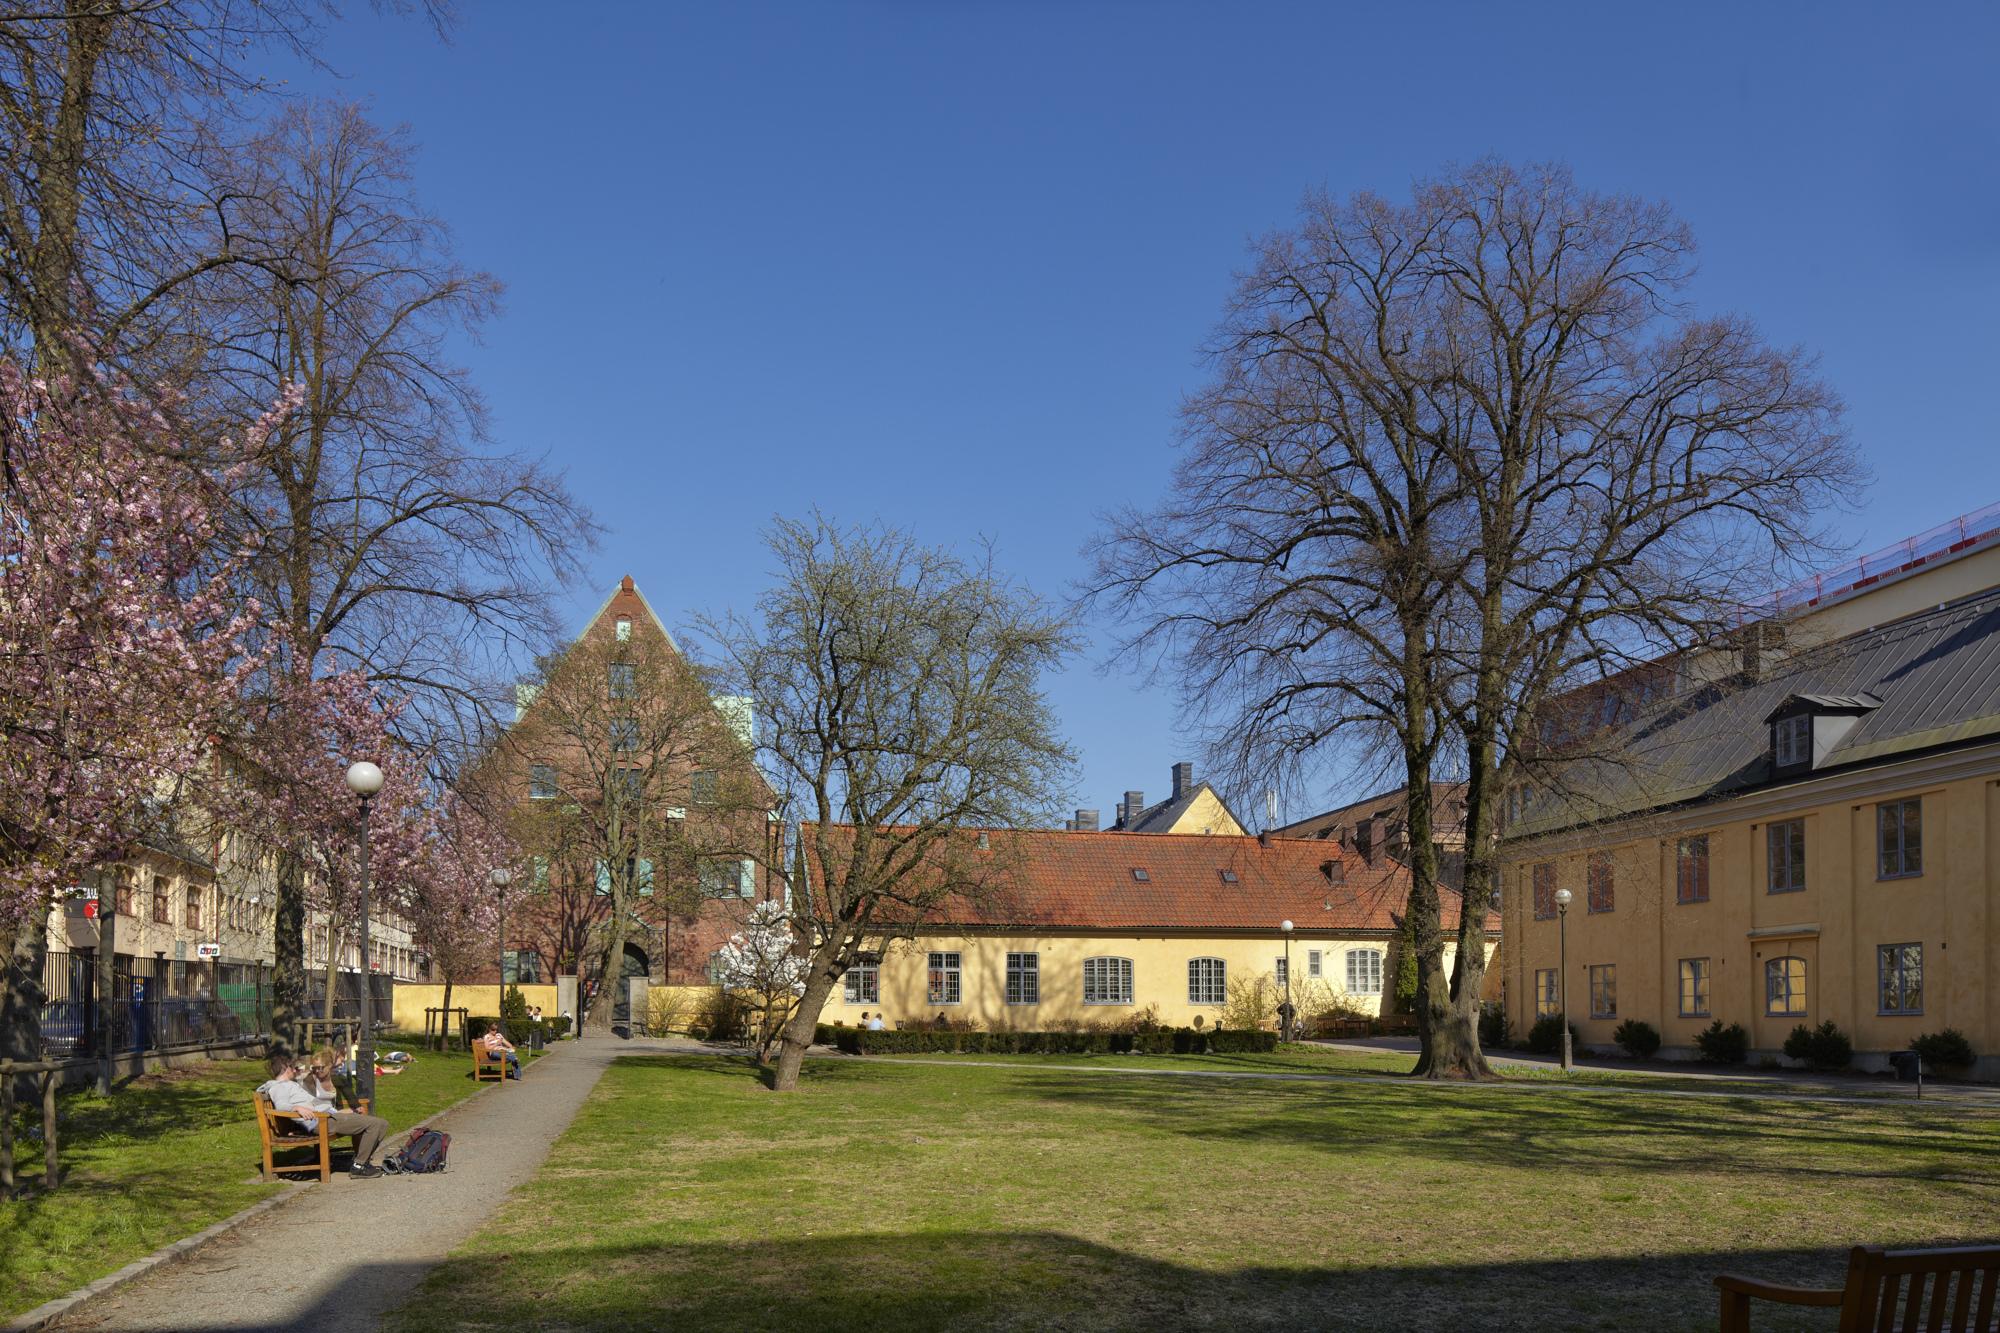 Kronhusparken med Kronhusbodarna och Kronhuset i bakgrunden